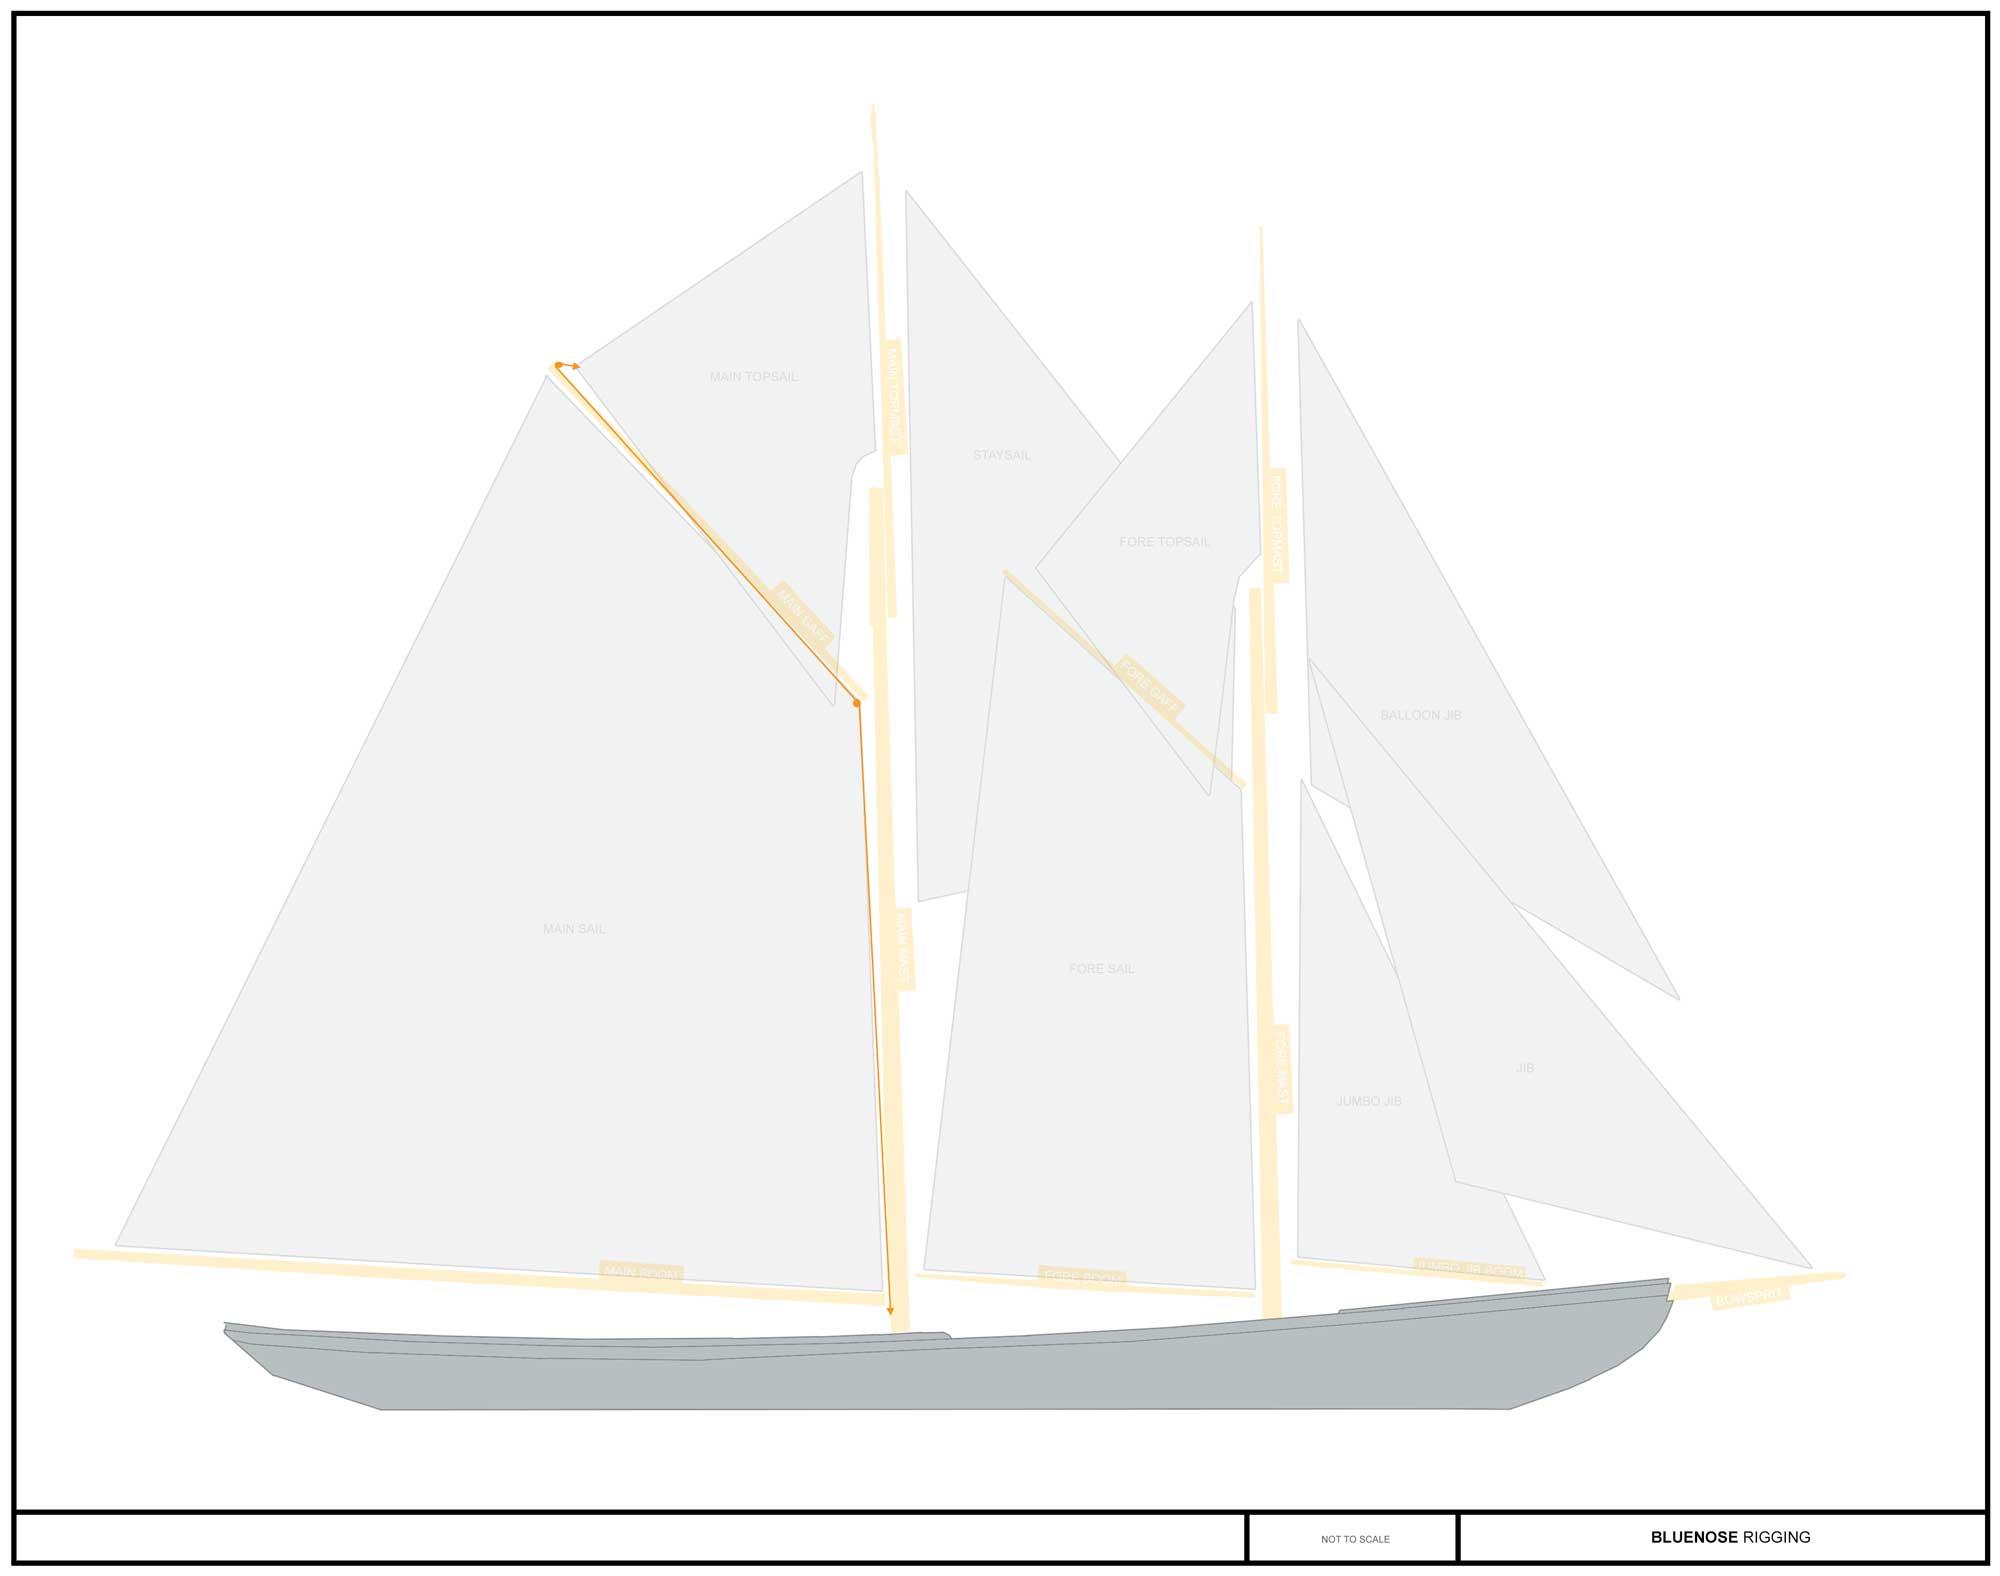 maintopsail-sheet